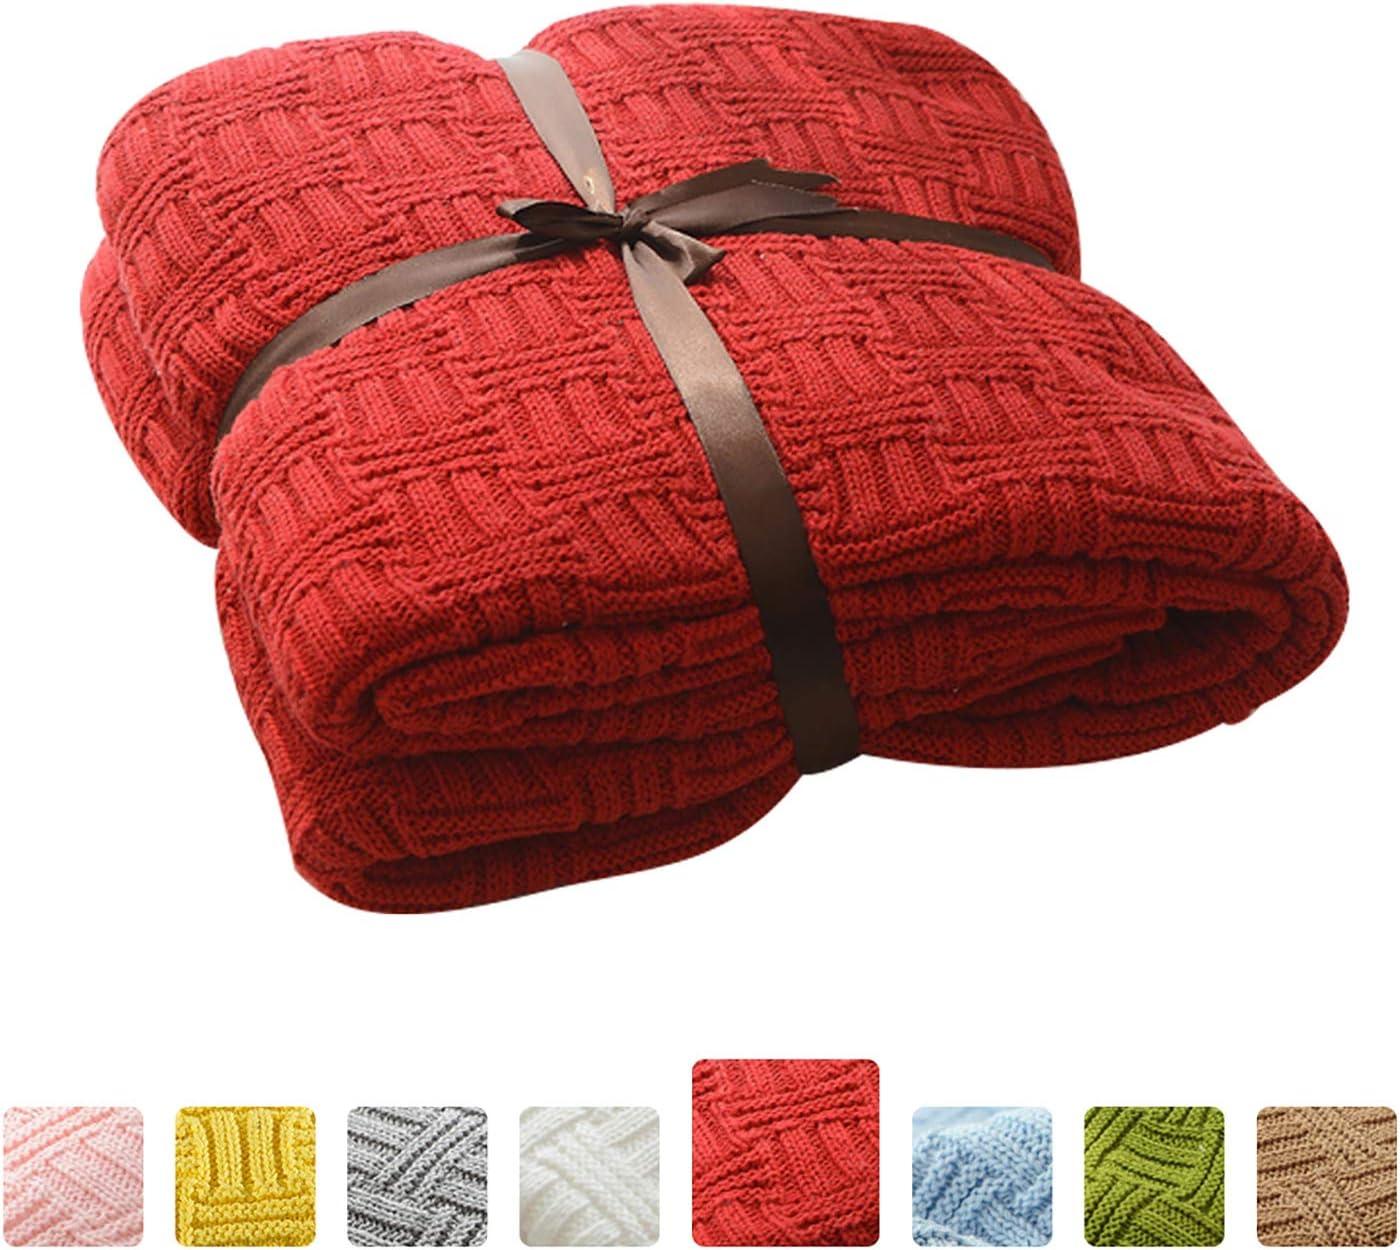 MYLUNE HOME 100% Algodón Tejer Elegante Manta de Punto Cobertura para Ver la televisión en la silleta, sofá y Cama, Las Dos Caras Cubiertas(180x200cm,Red)